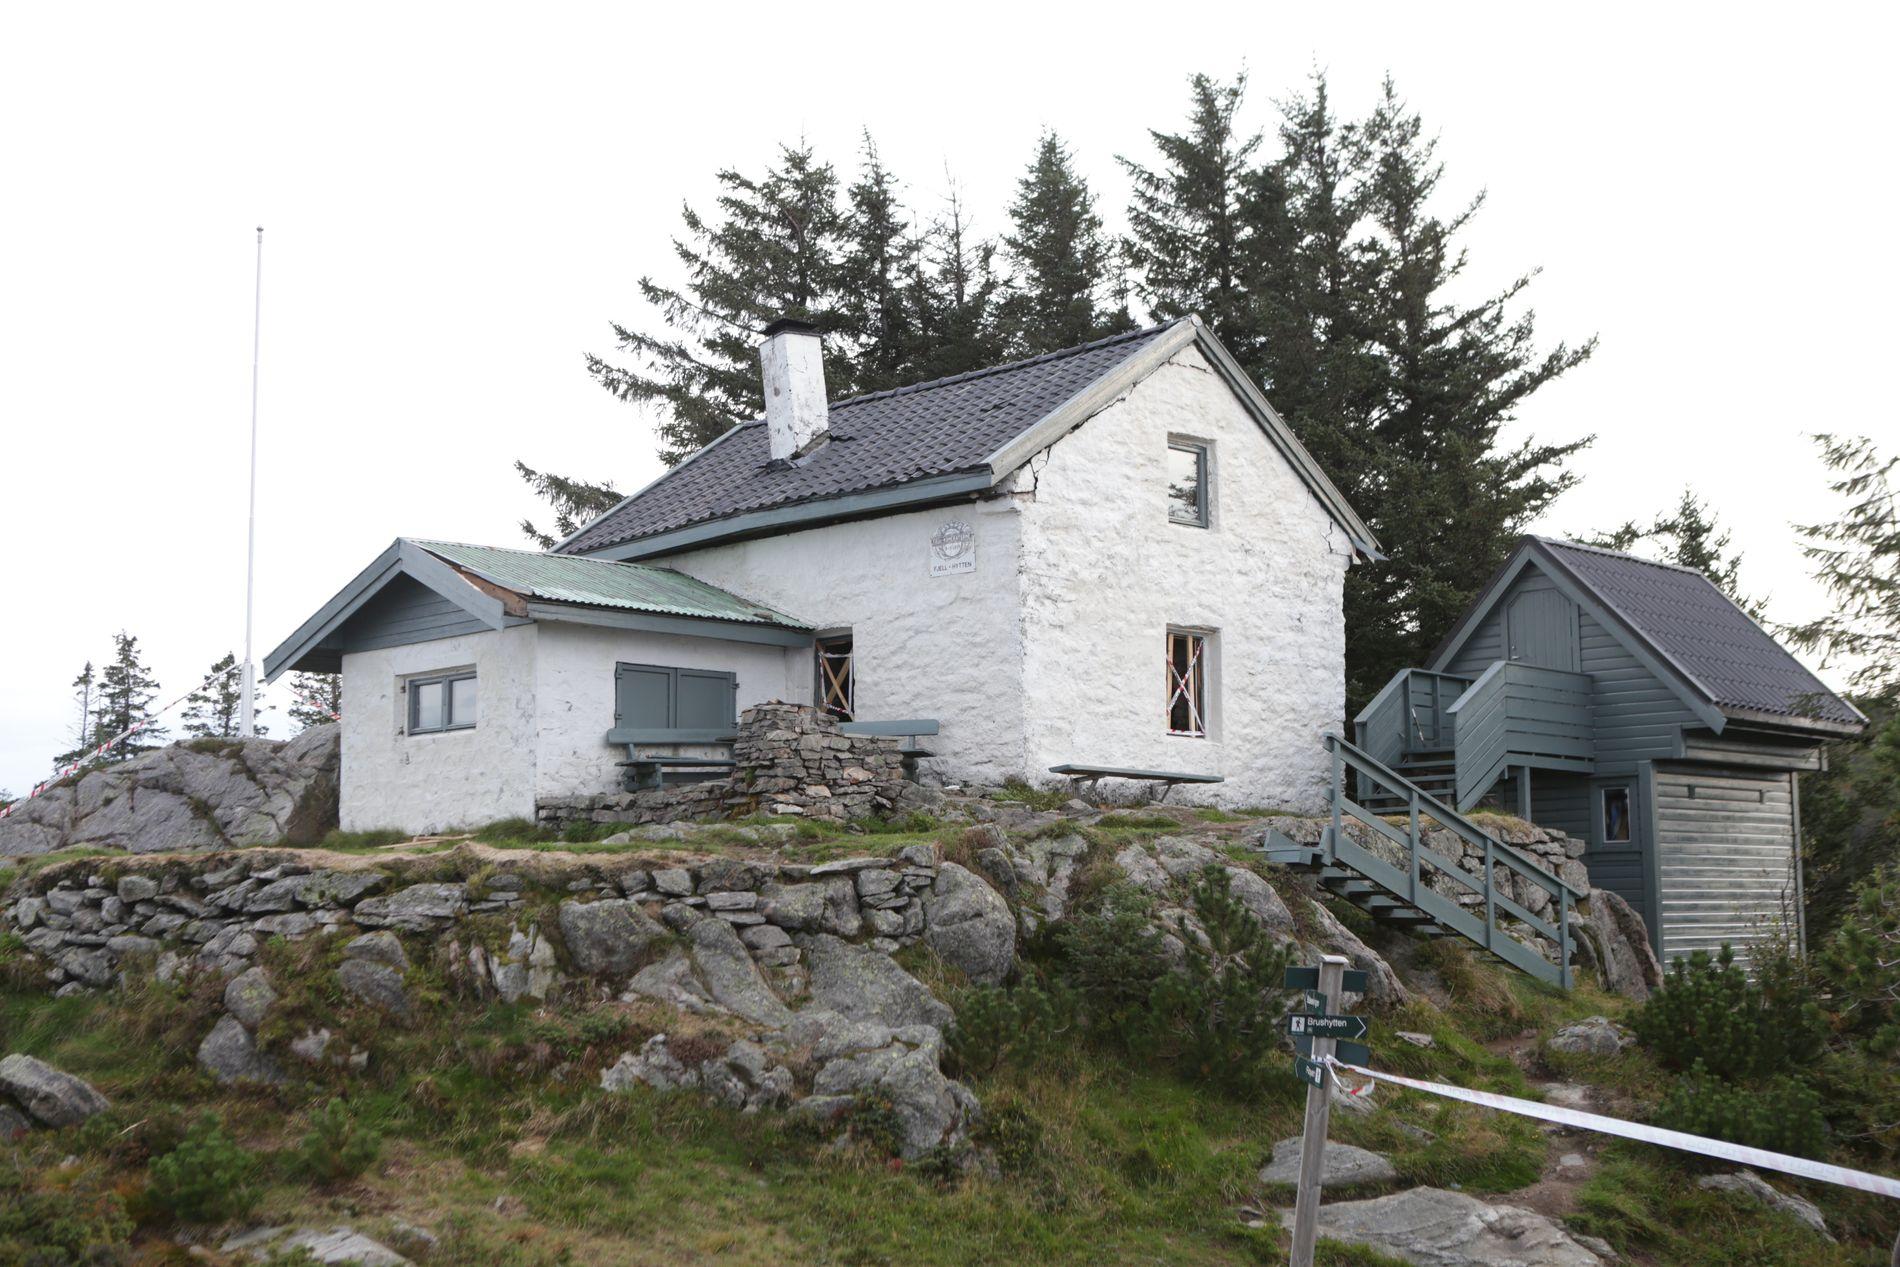 EKSPLOSJON: Rutene er knust og det er store skader på Fjell-hytten etter ulykken. Politiet har sperret av området rundt hytten.